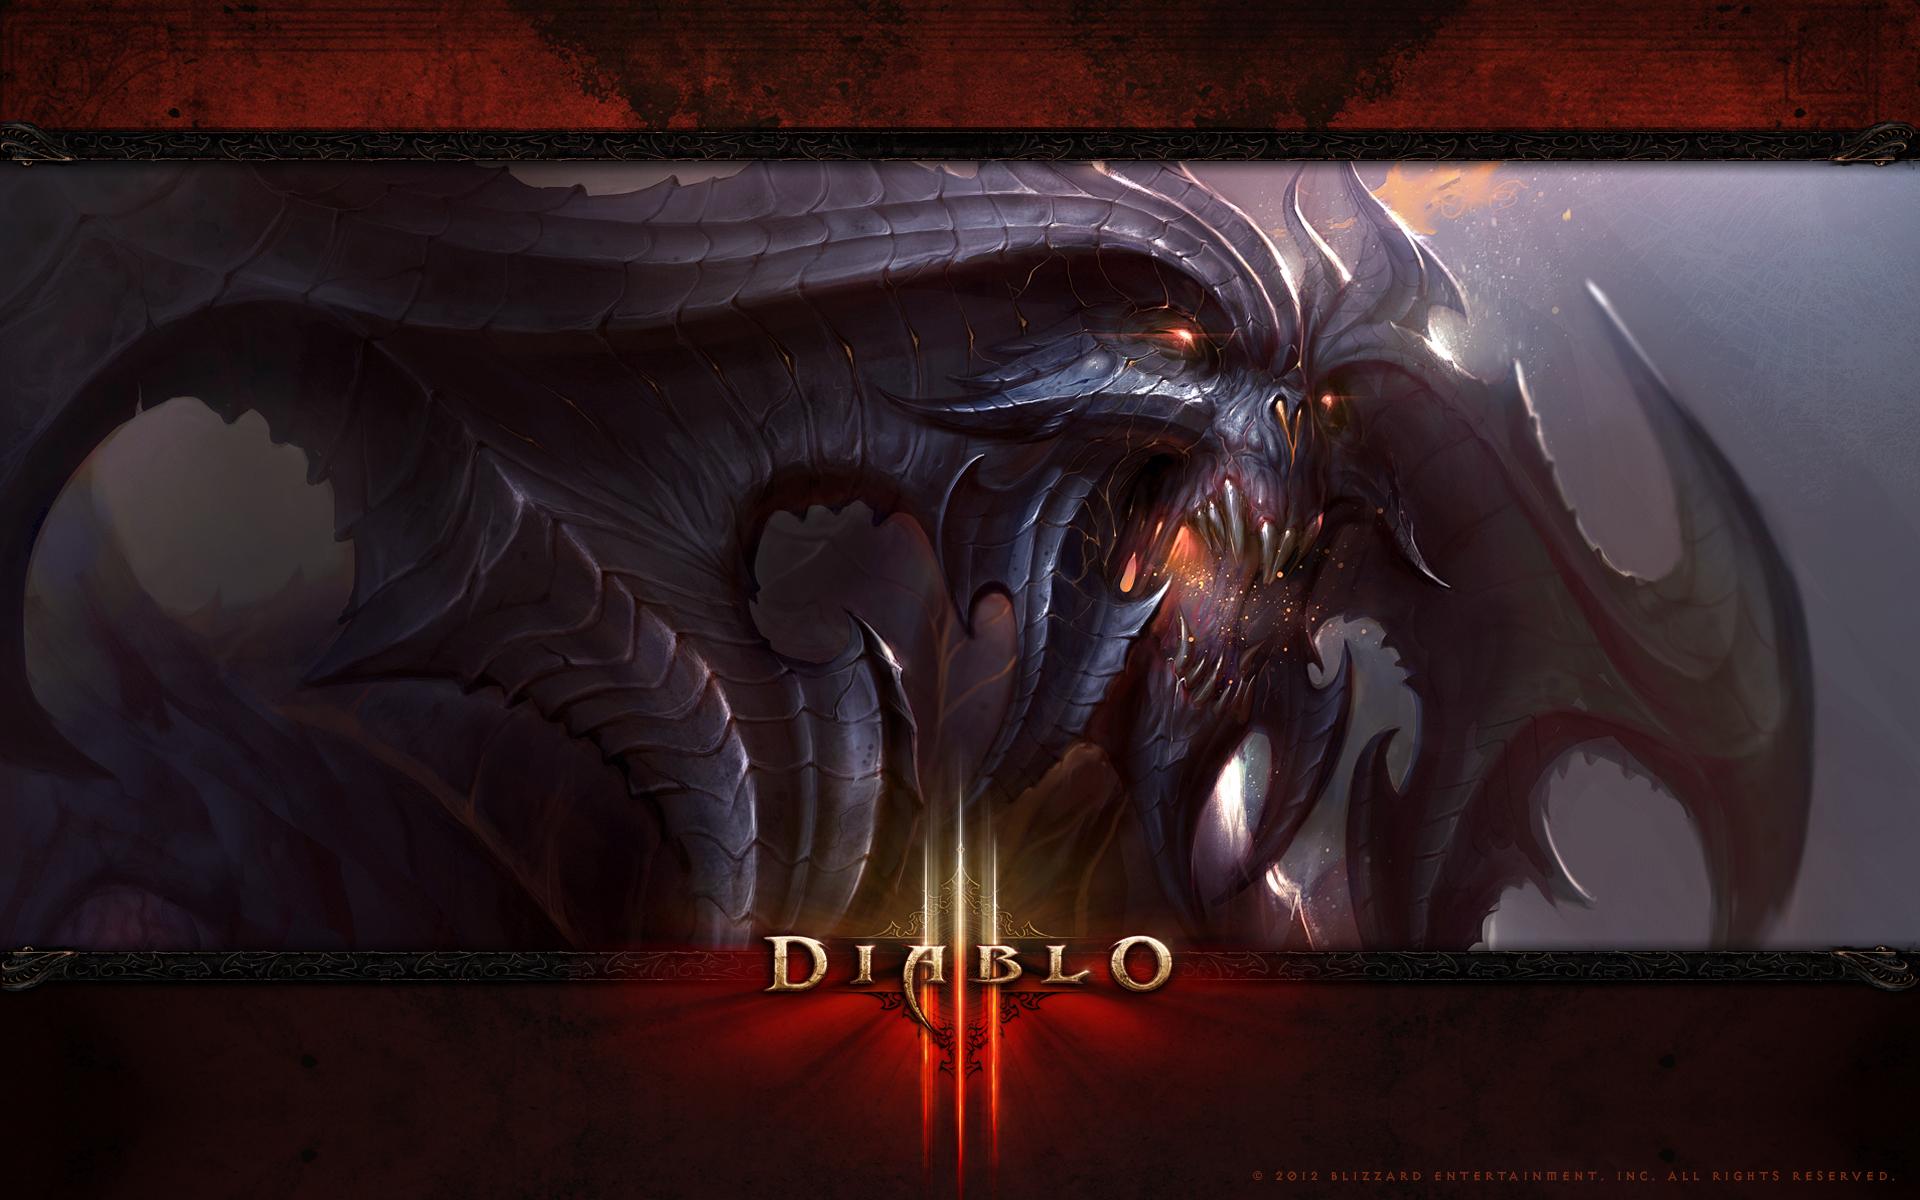 Diablo 3 Wallpaper – Diablo